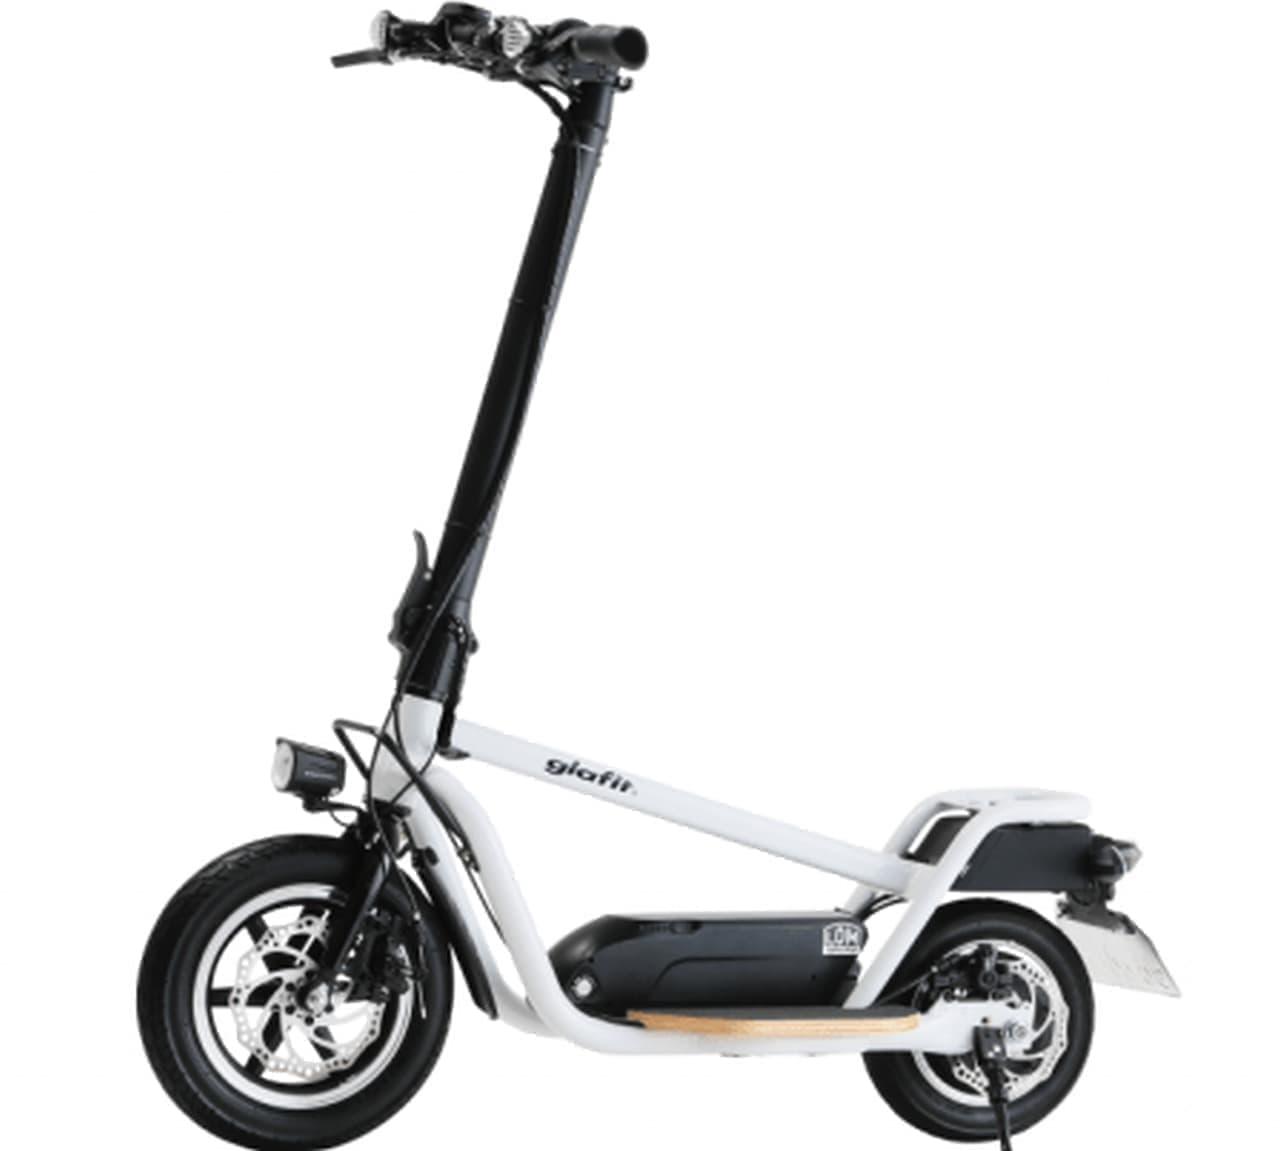 原付免許で乗れる立ち乗り電動バイクglafit「X-SCOOTER LOM」